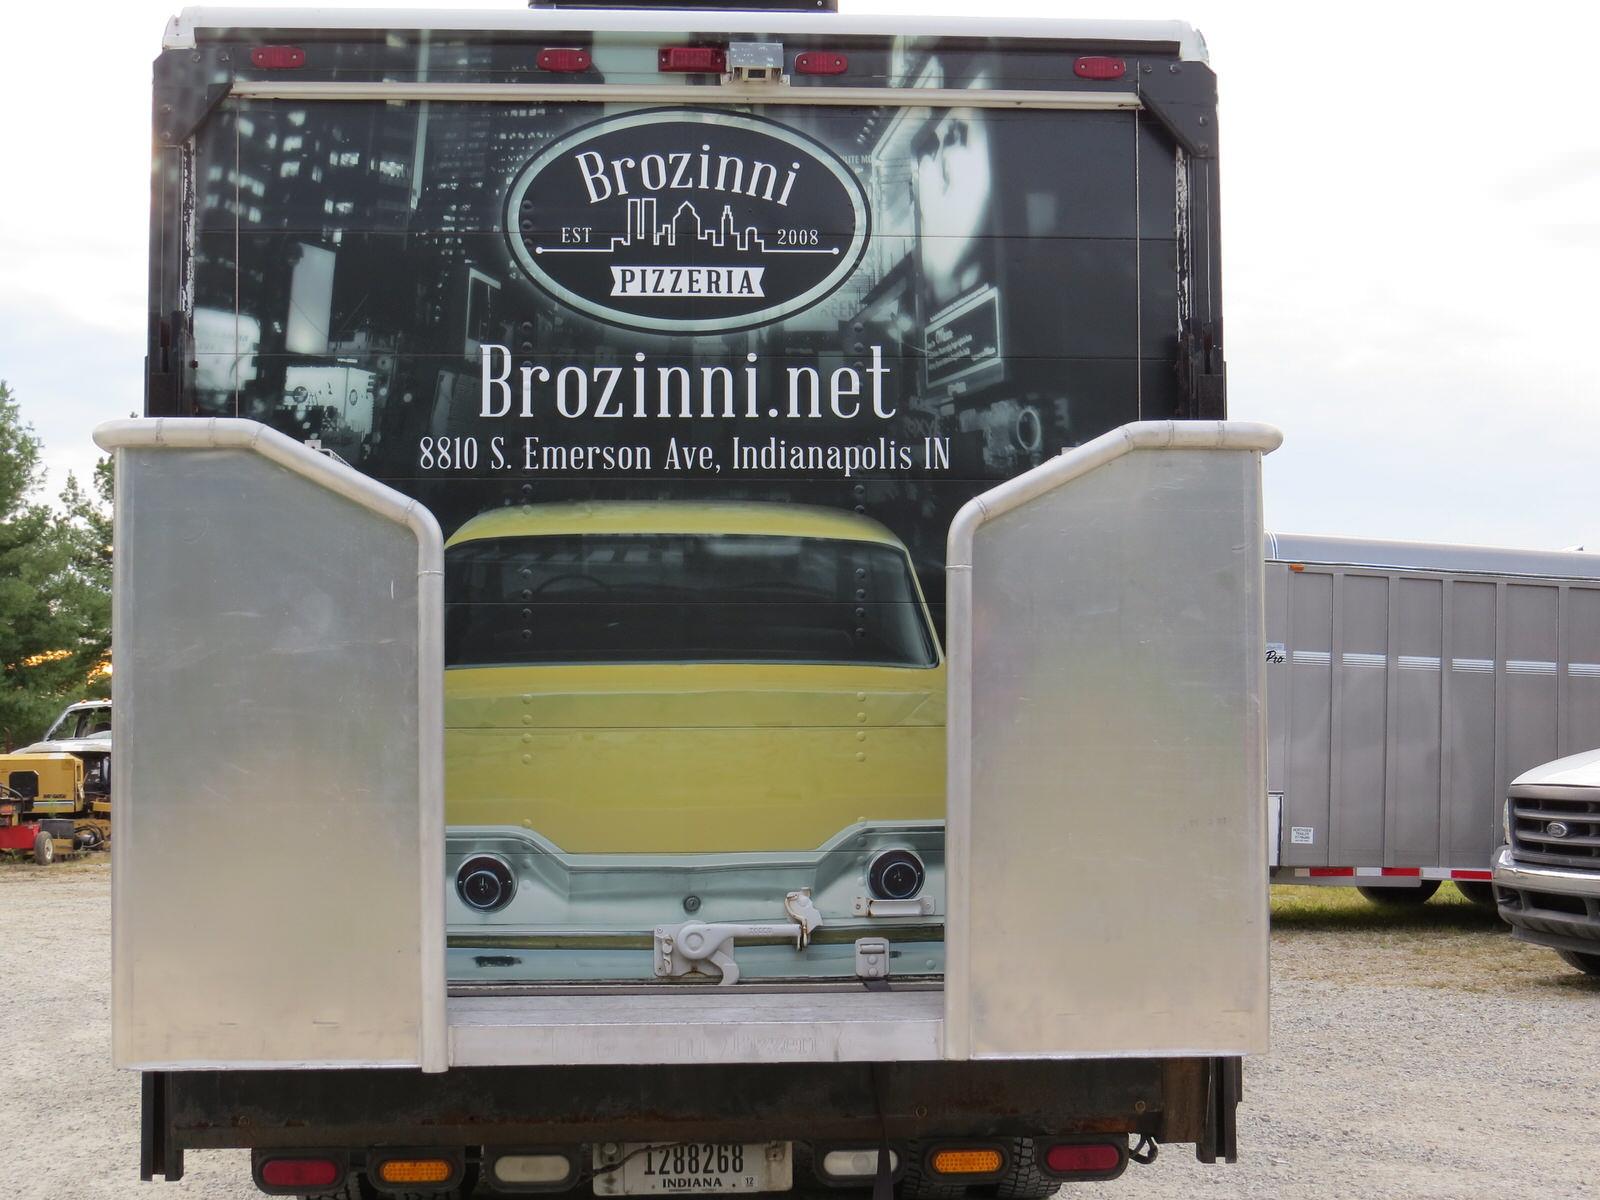 Brozinni_Pizzeria_truck-0134.JPG